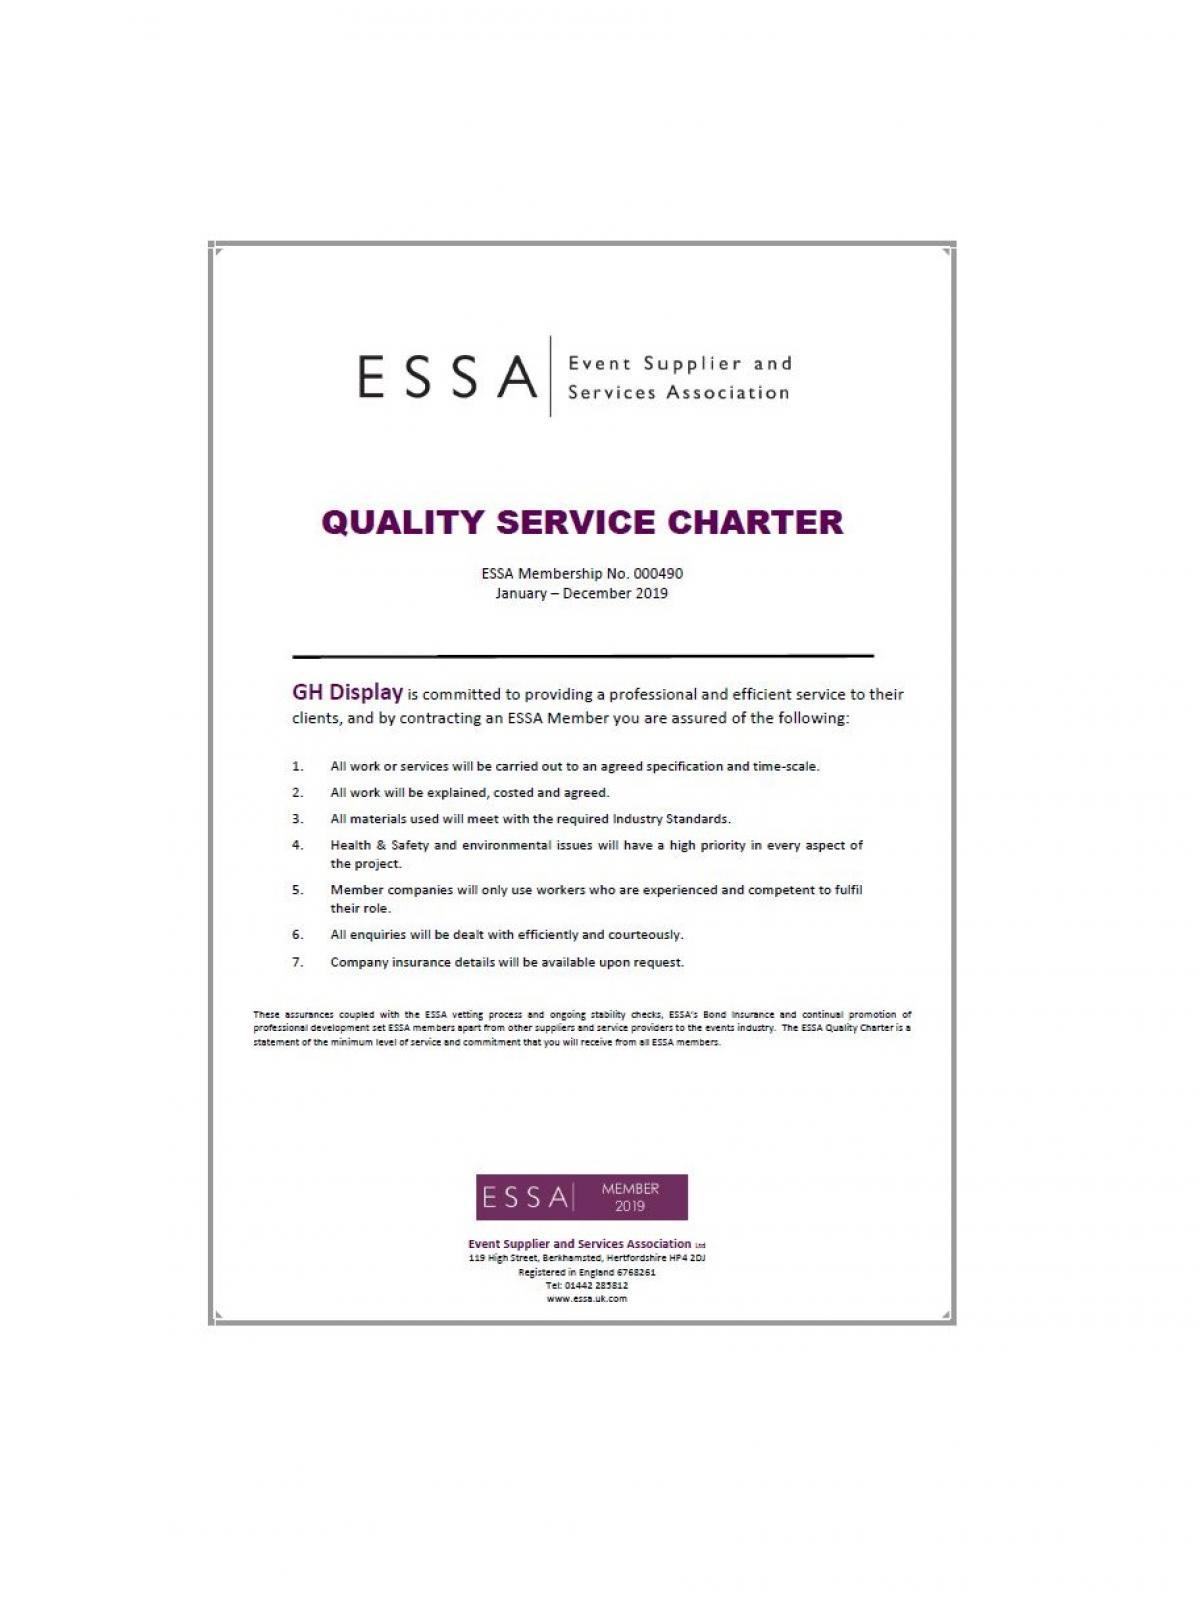 ESSA Certificate 2019